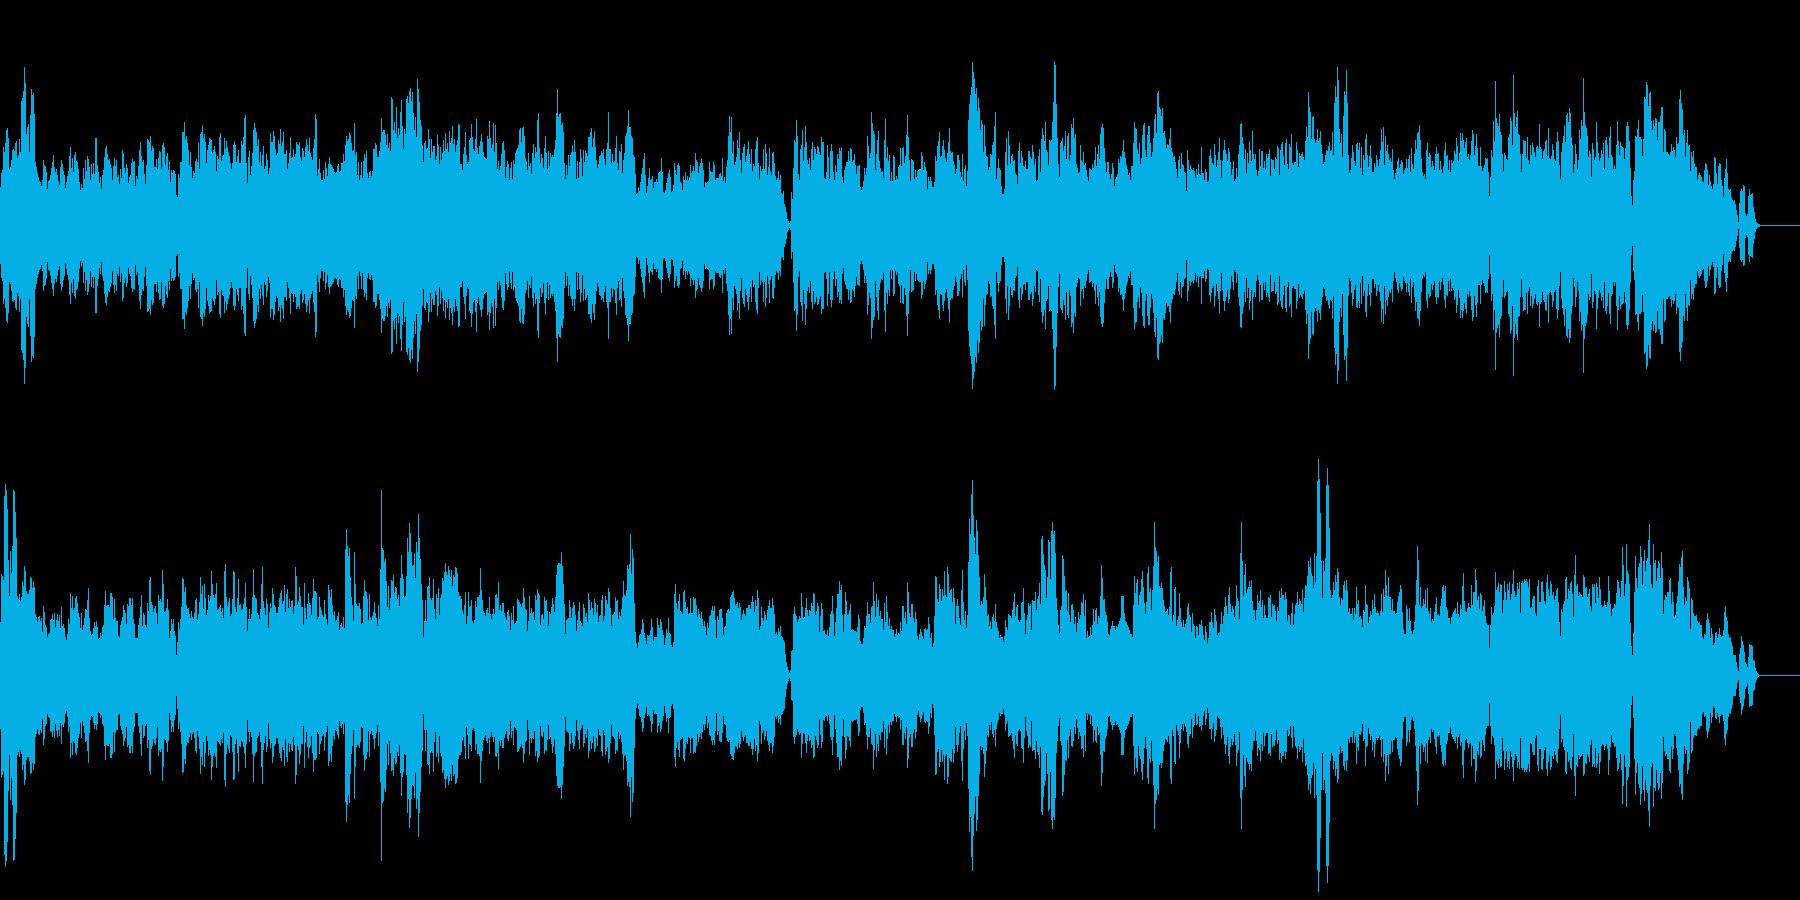 シューマン「流浪の民」の再生済みの波形